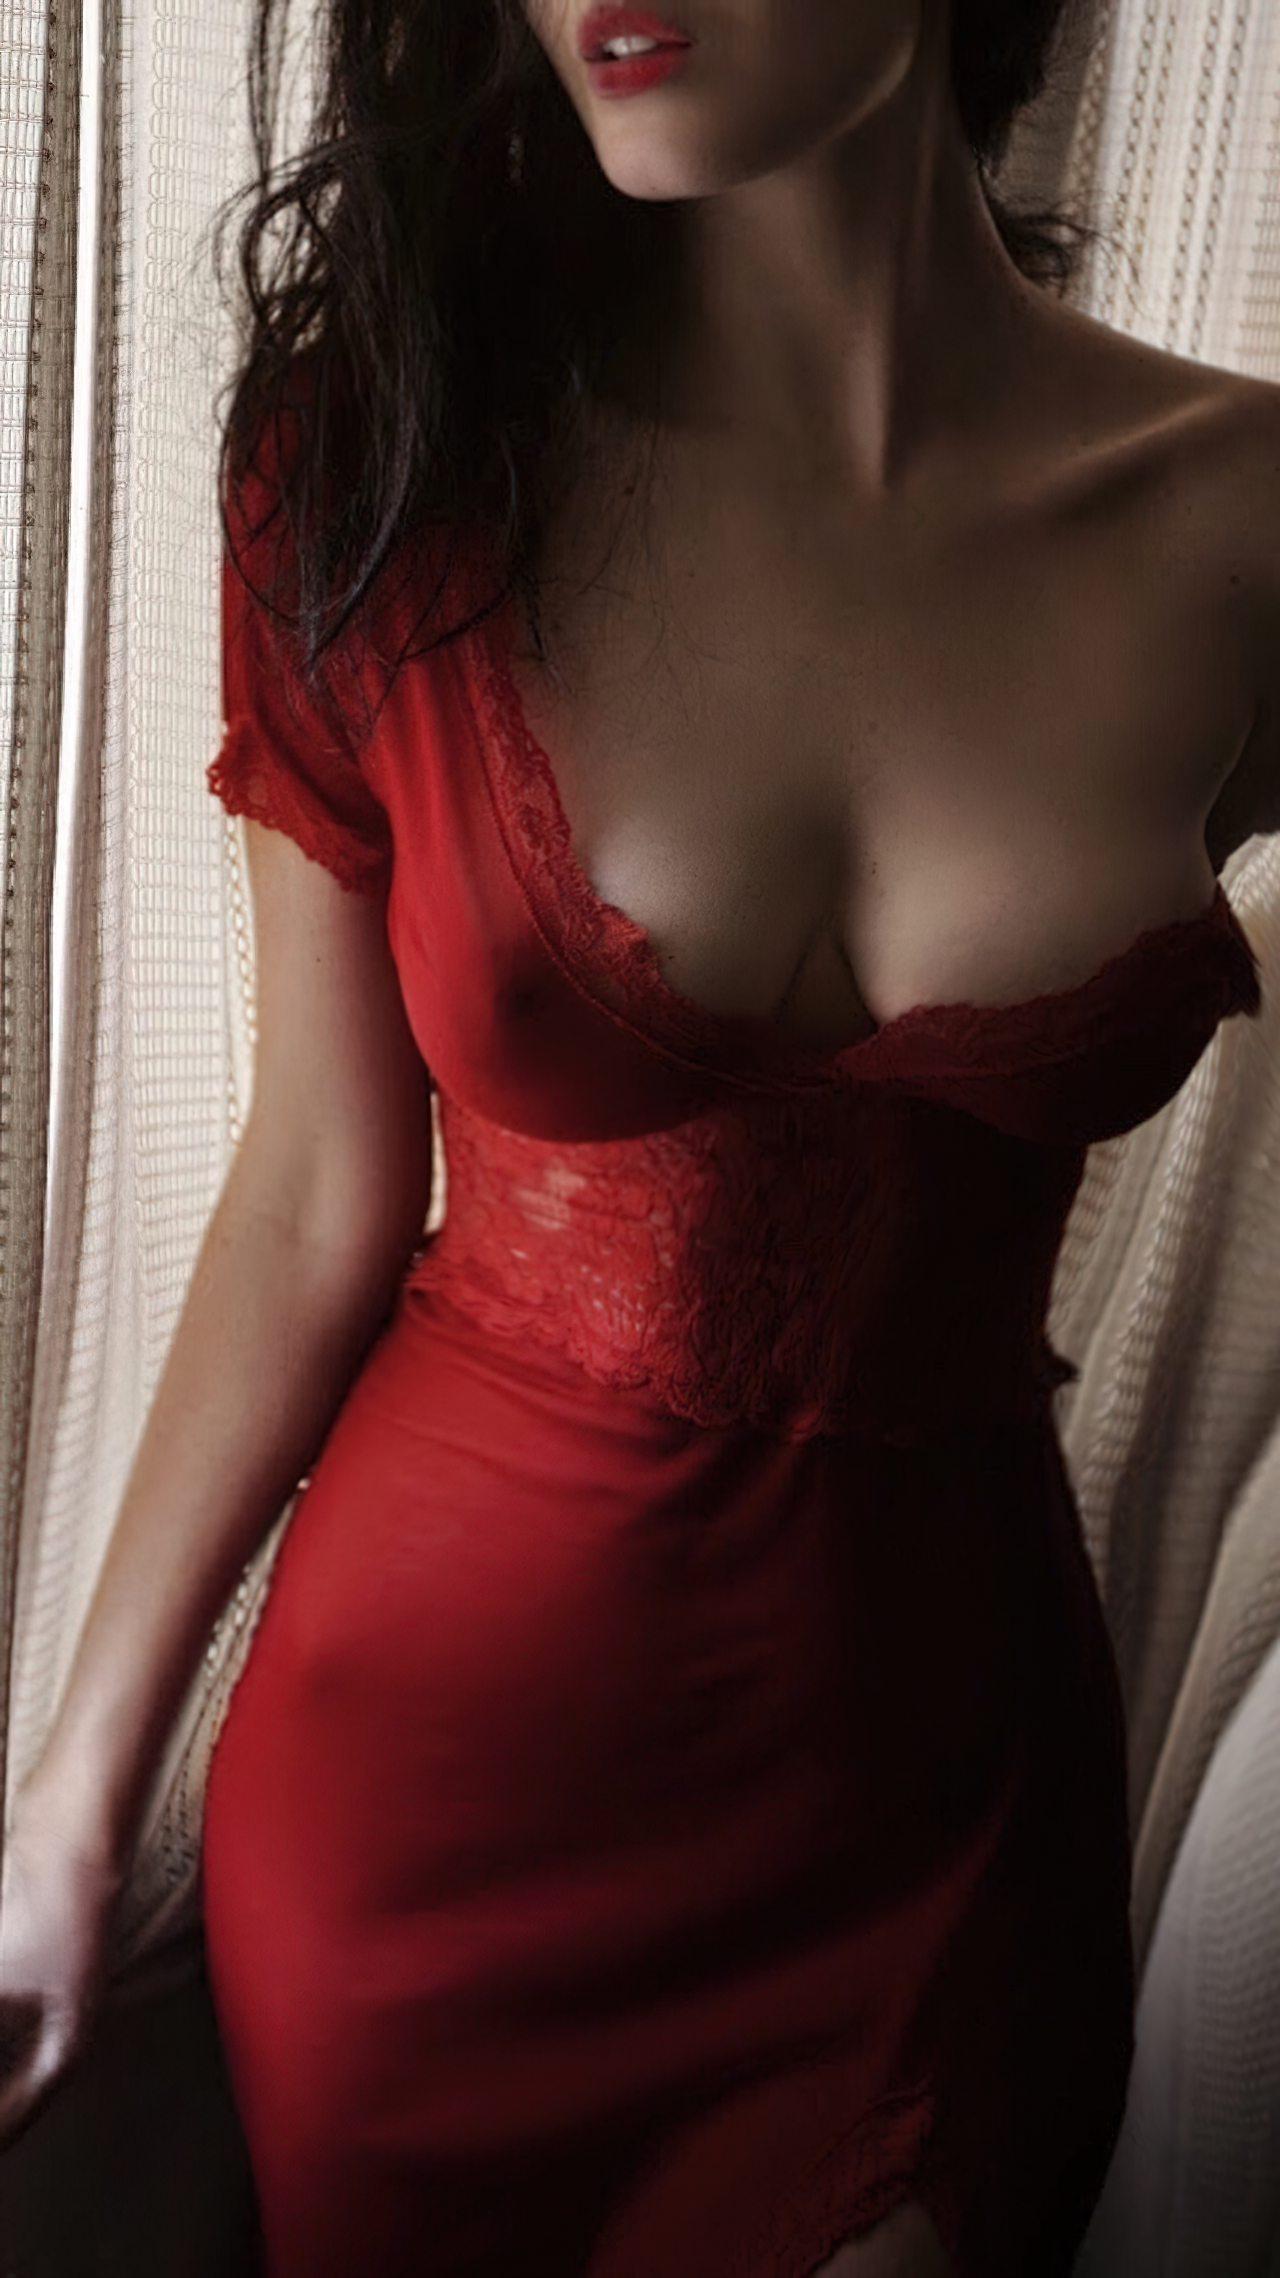 Imagens de Mulheres Despidas (36)